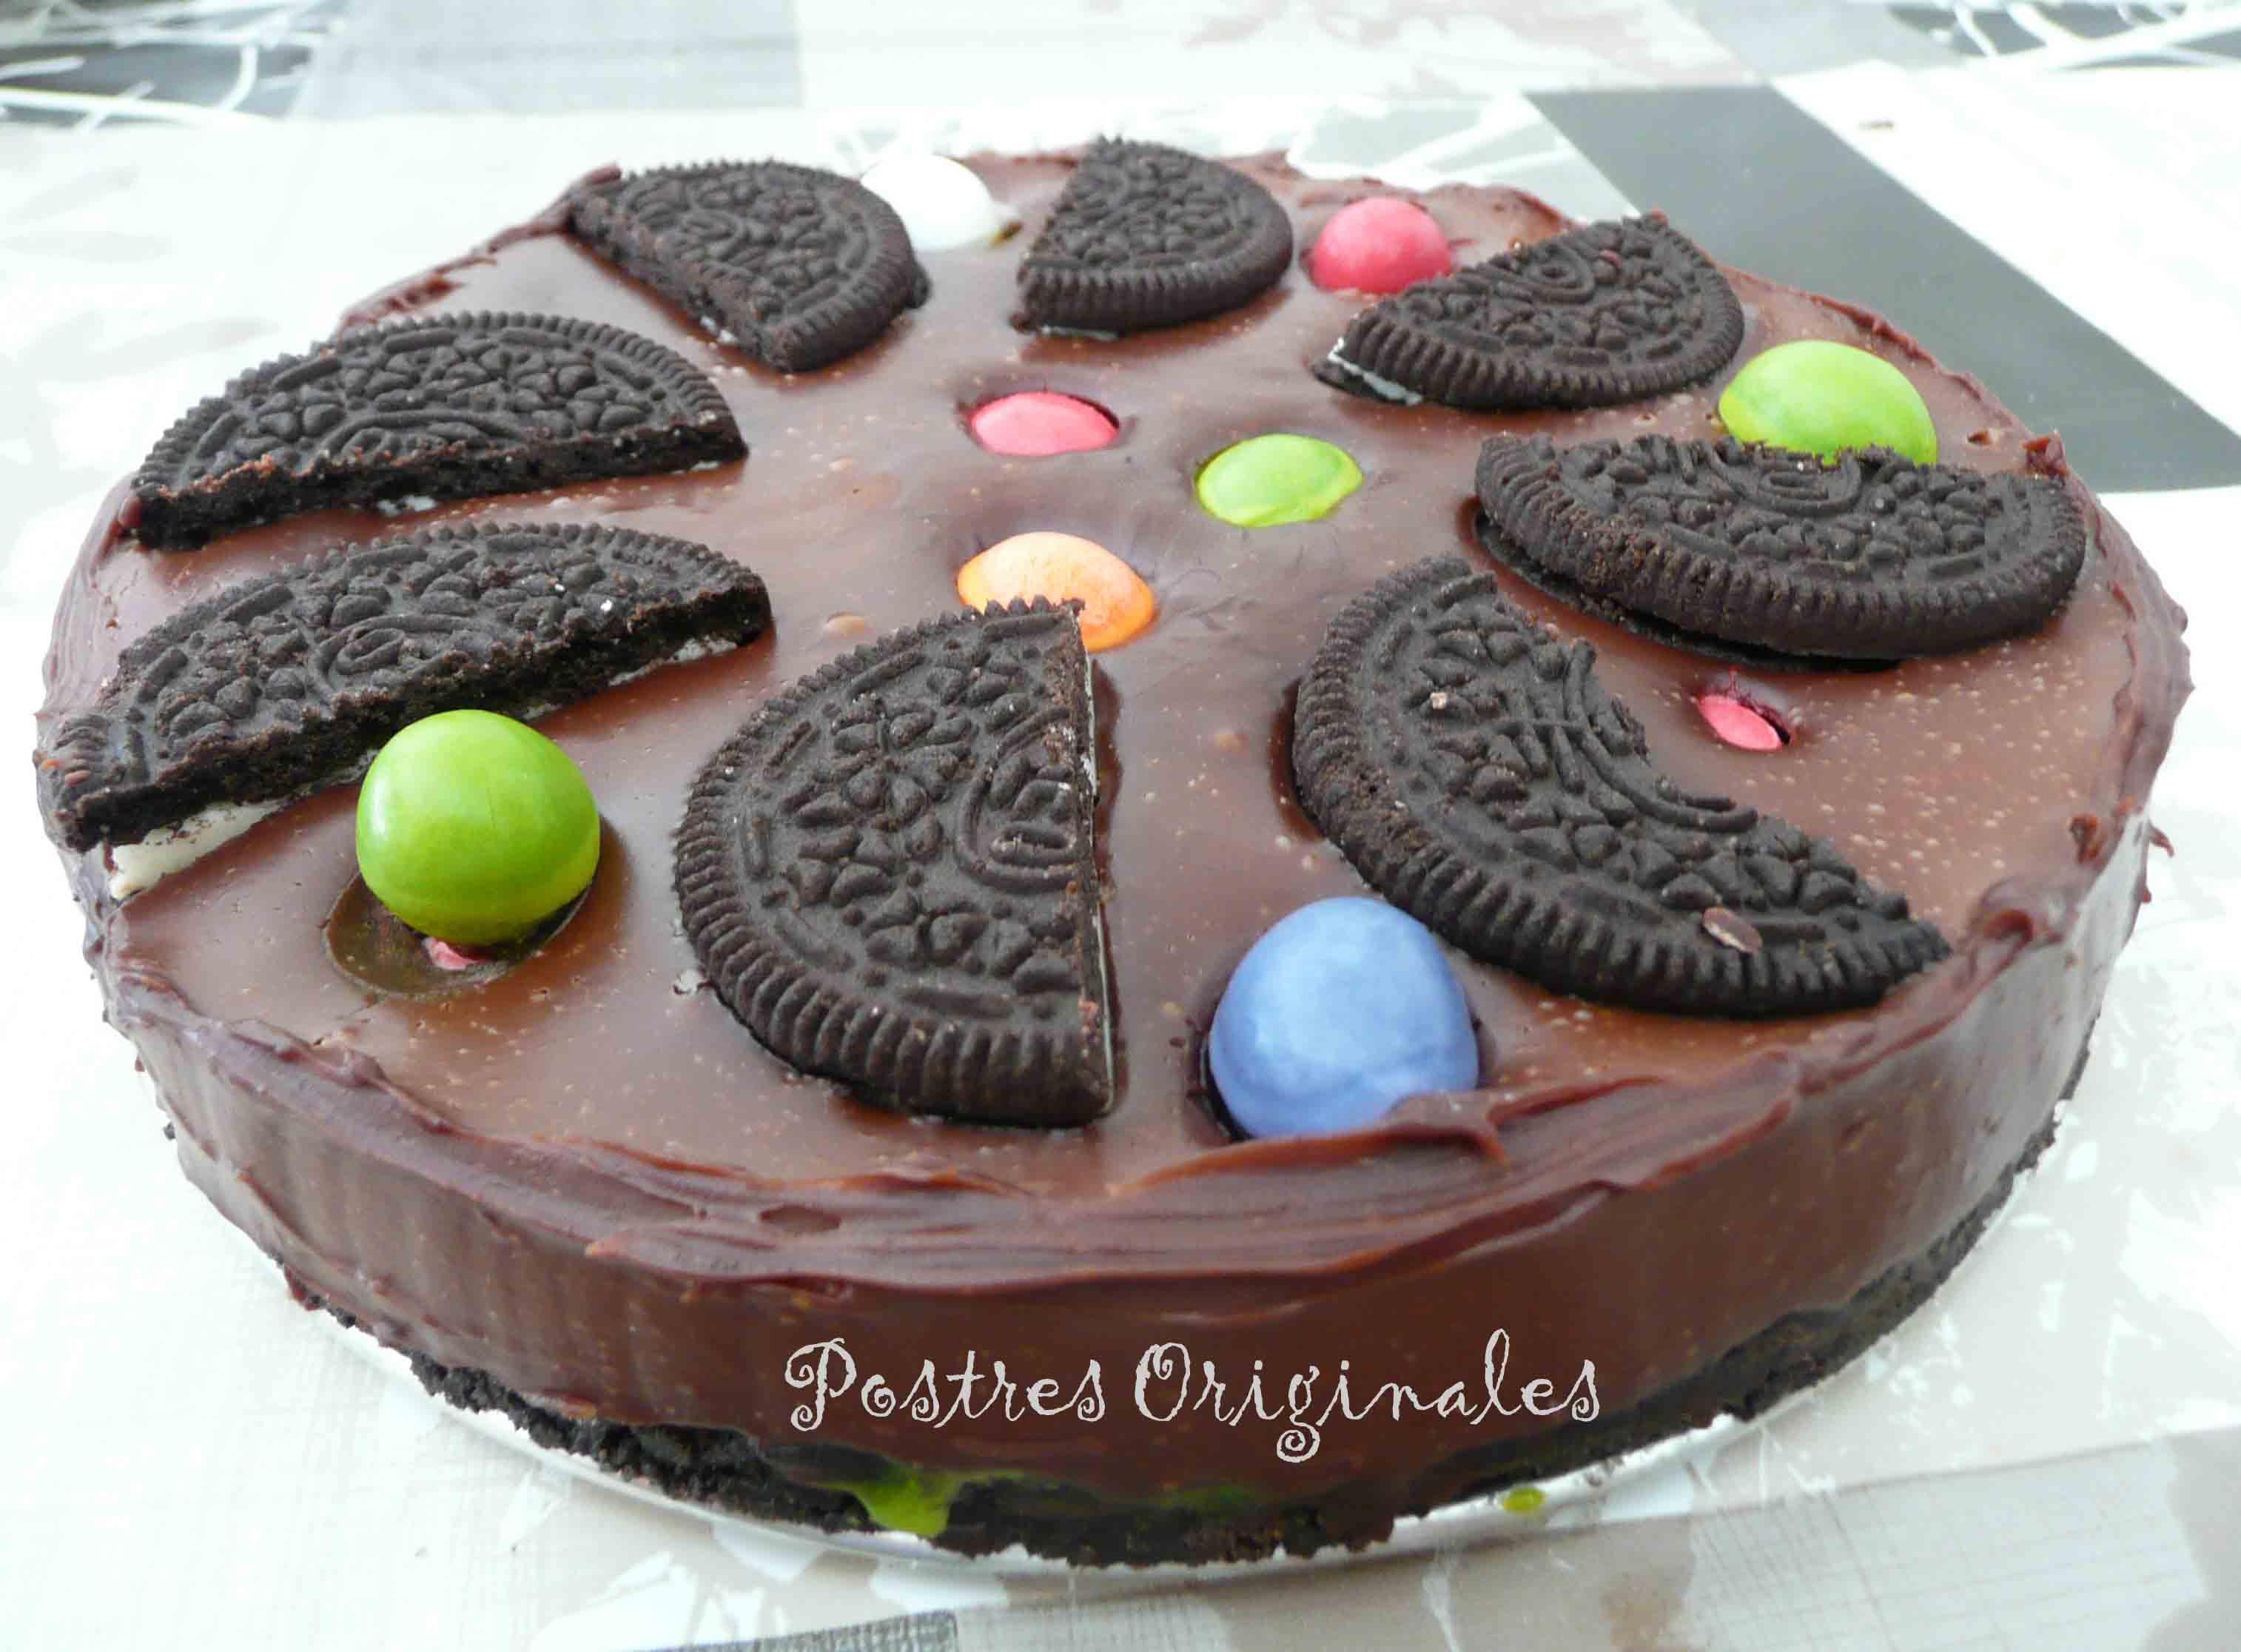 Tarta de chocolate con galletas oreo postres originales - Postres originales y faciles de hacer ...